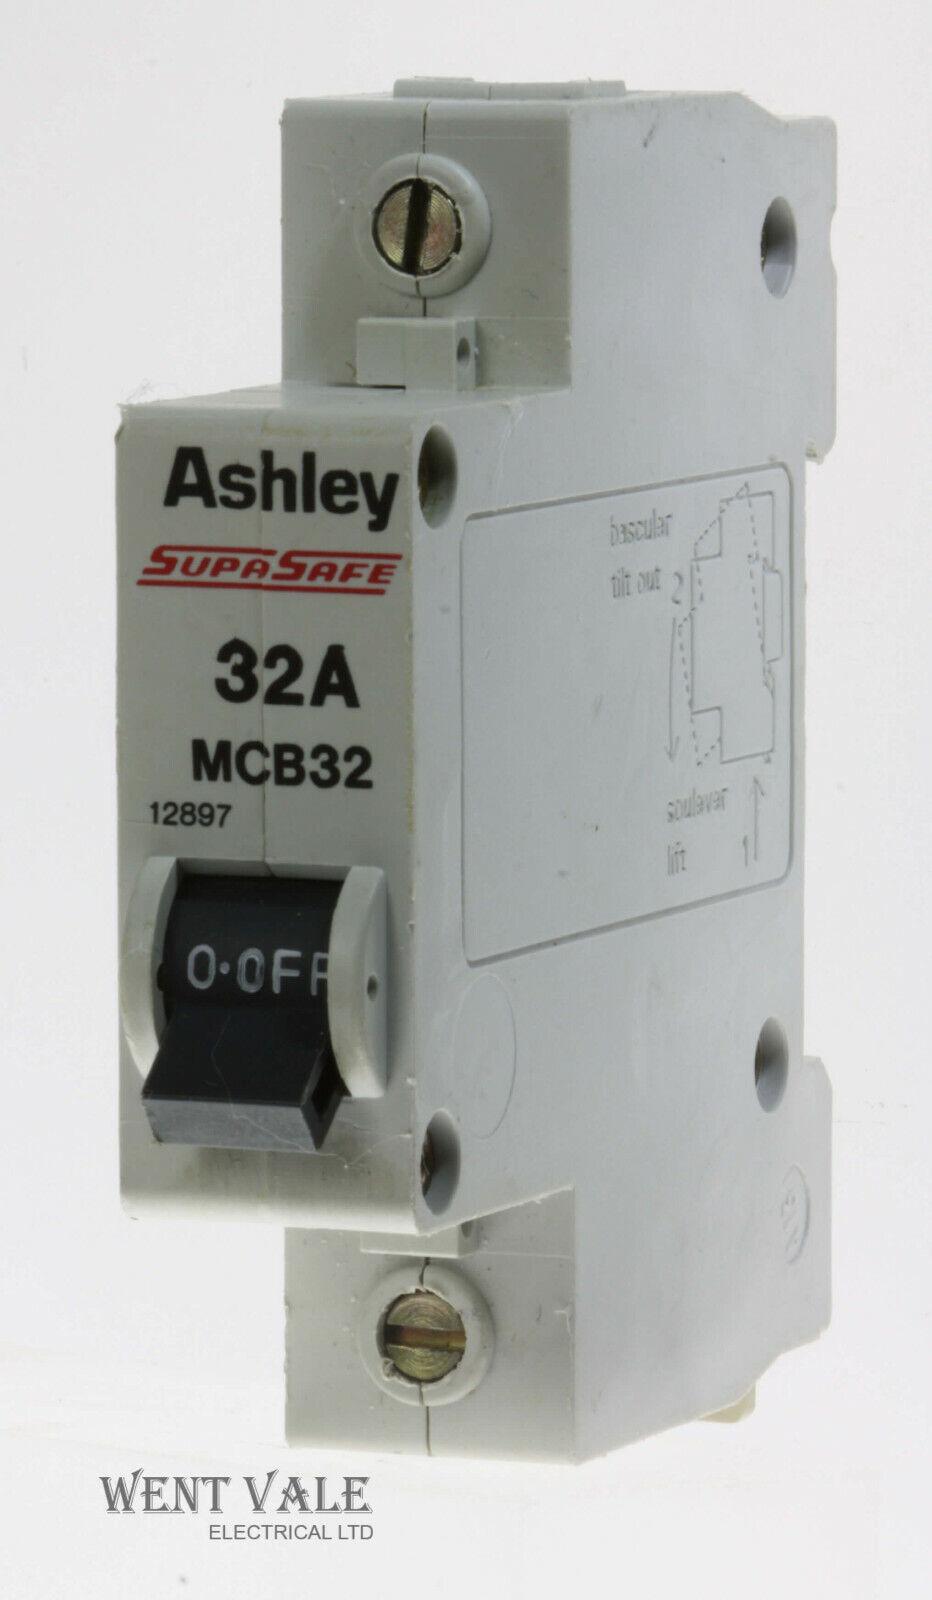 Ashley SupaSafe - MCB32/12897 - 32a Type 1 Single Pole MCB Used